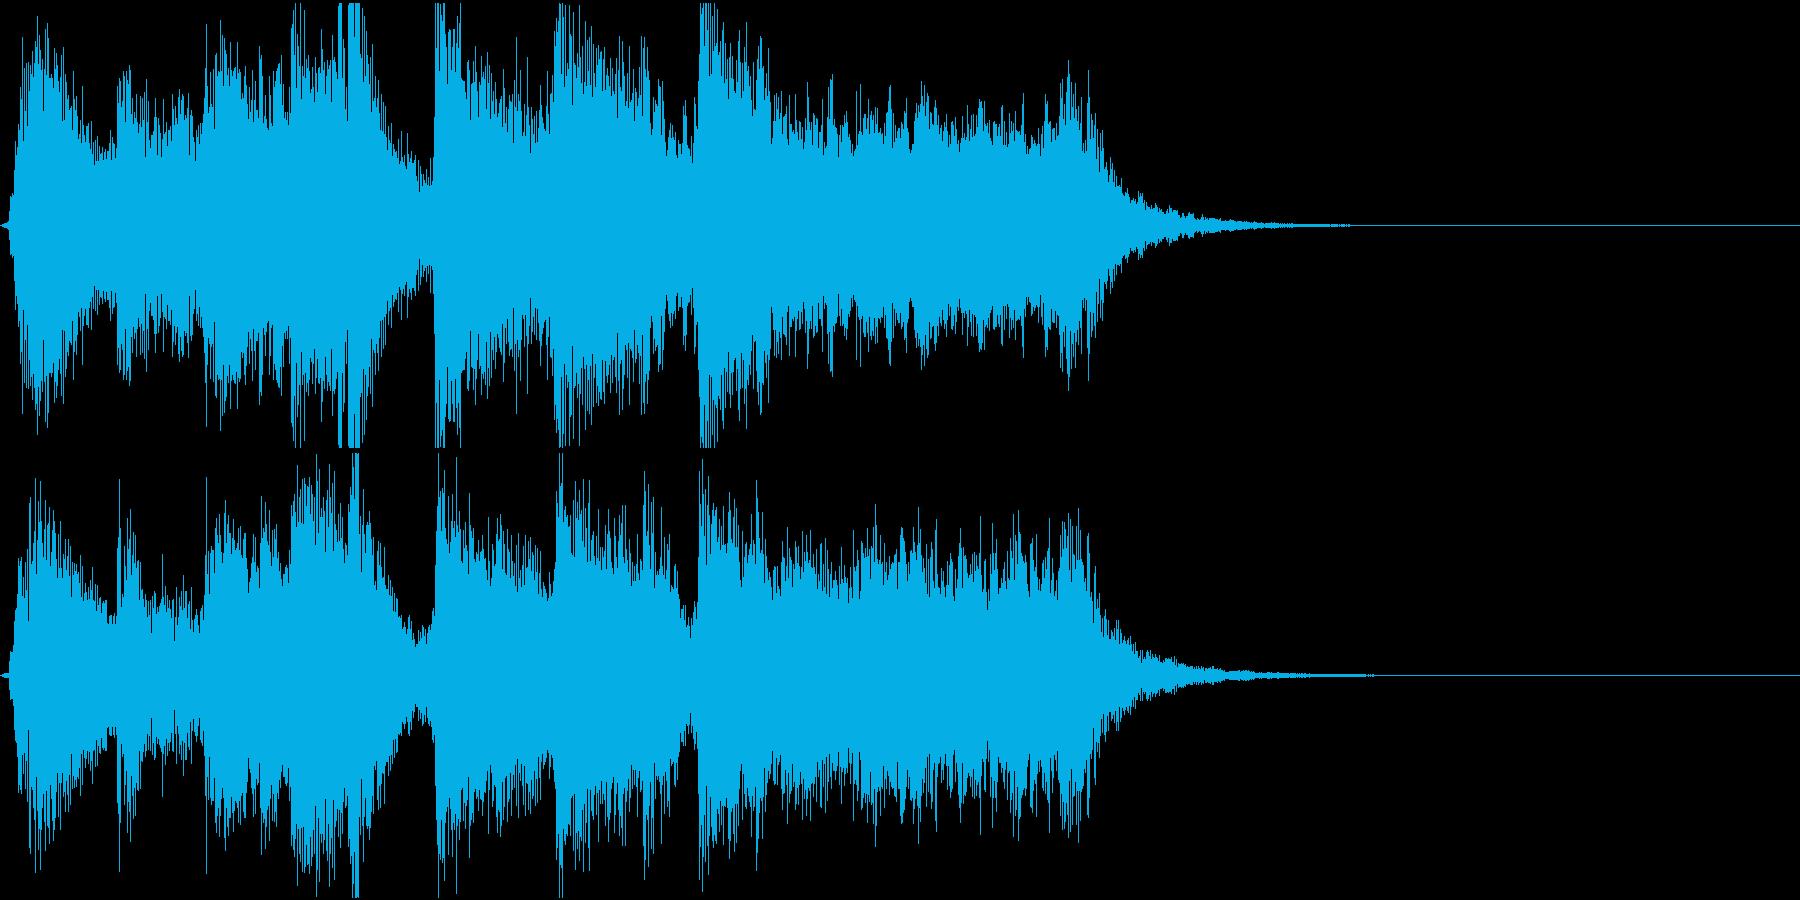 哀愁感じつつも上品さが少し漂うスイング3の再生済みの波形